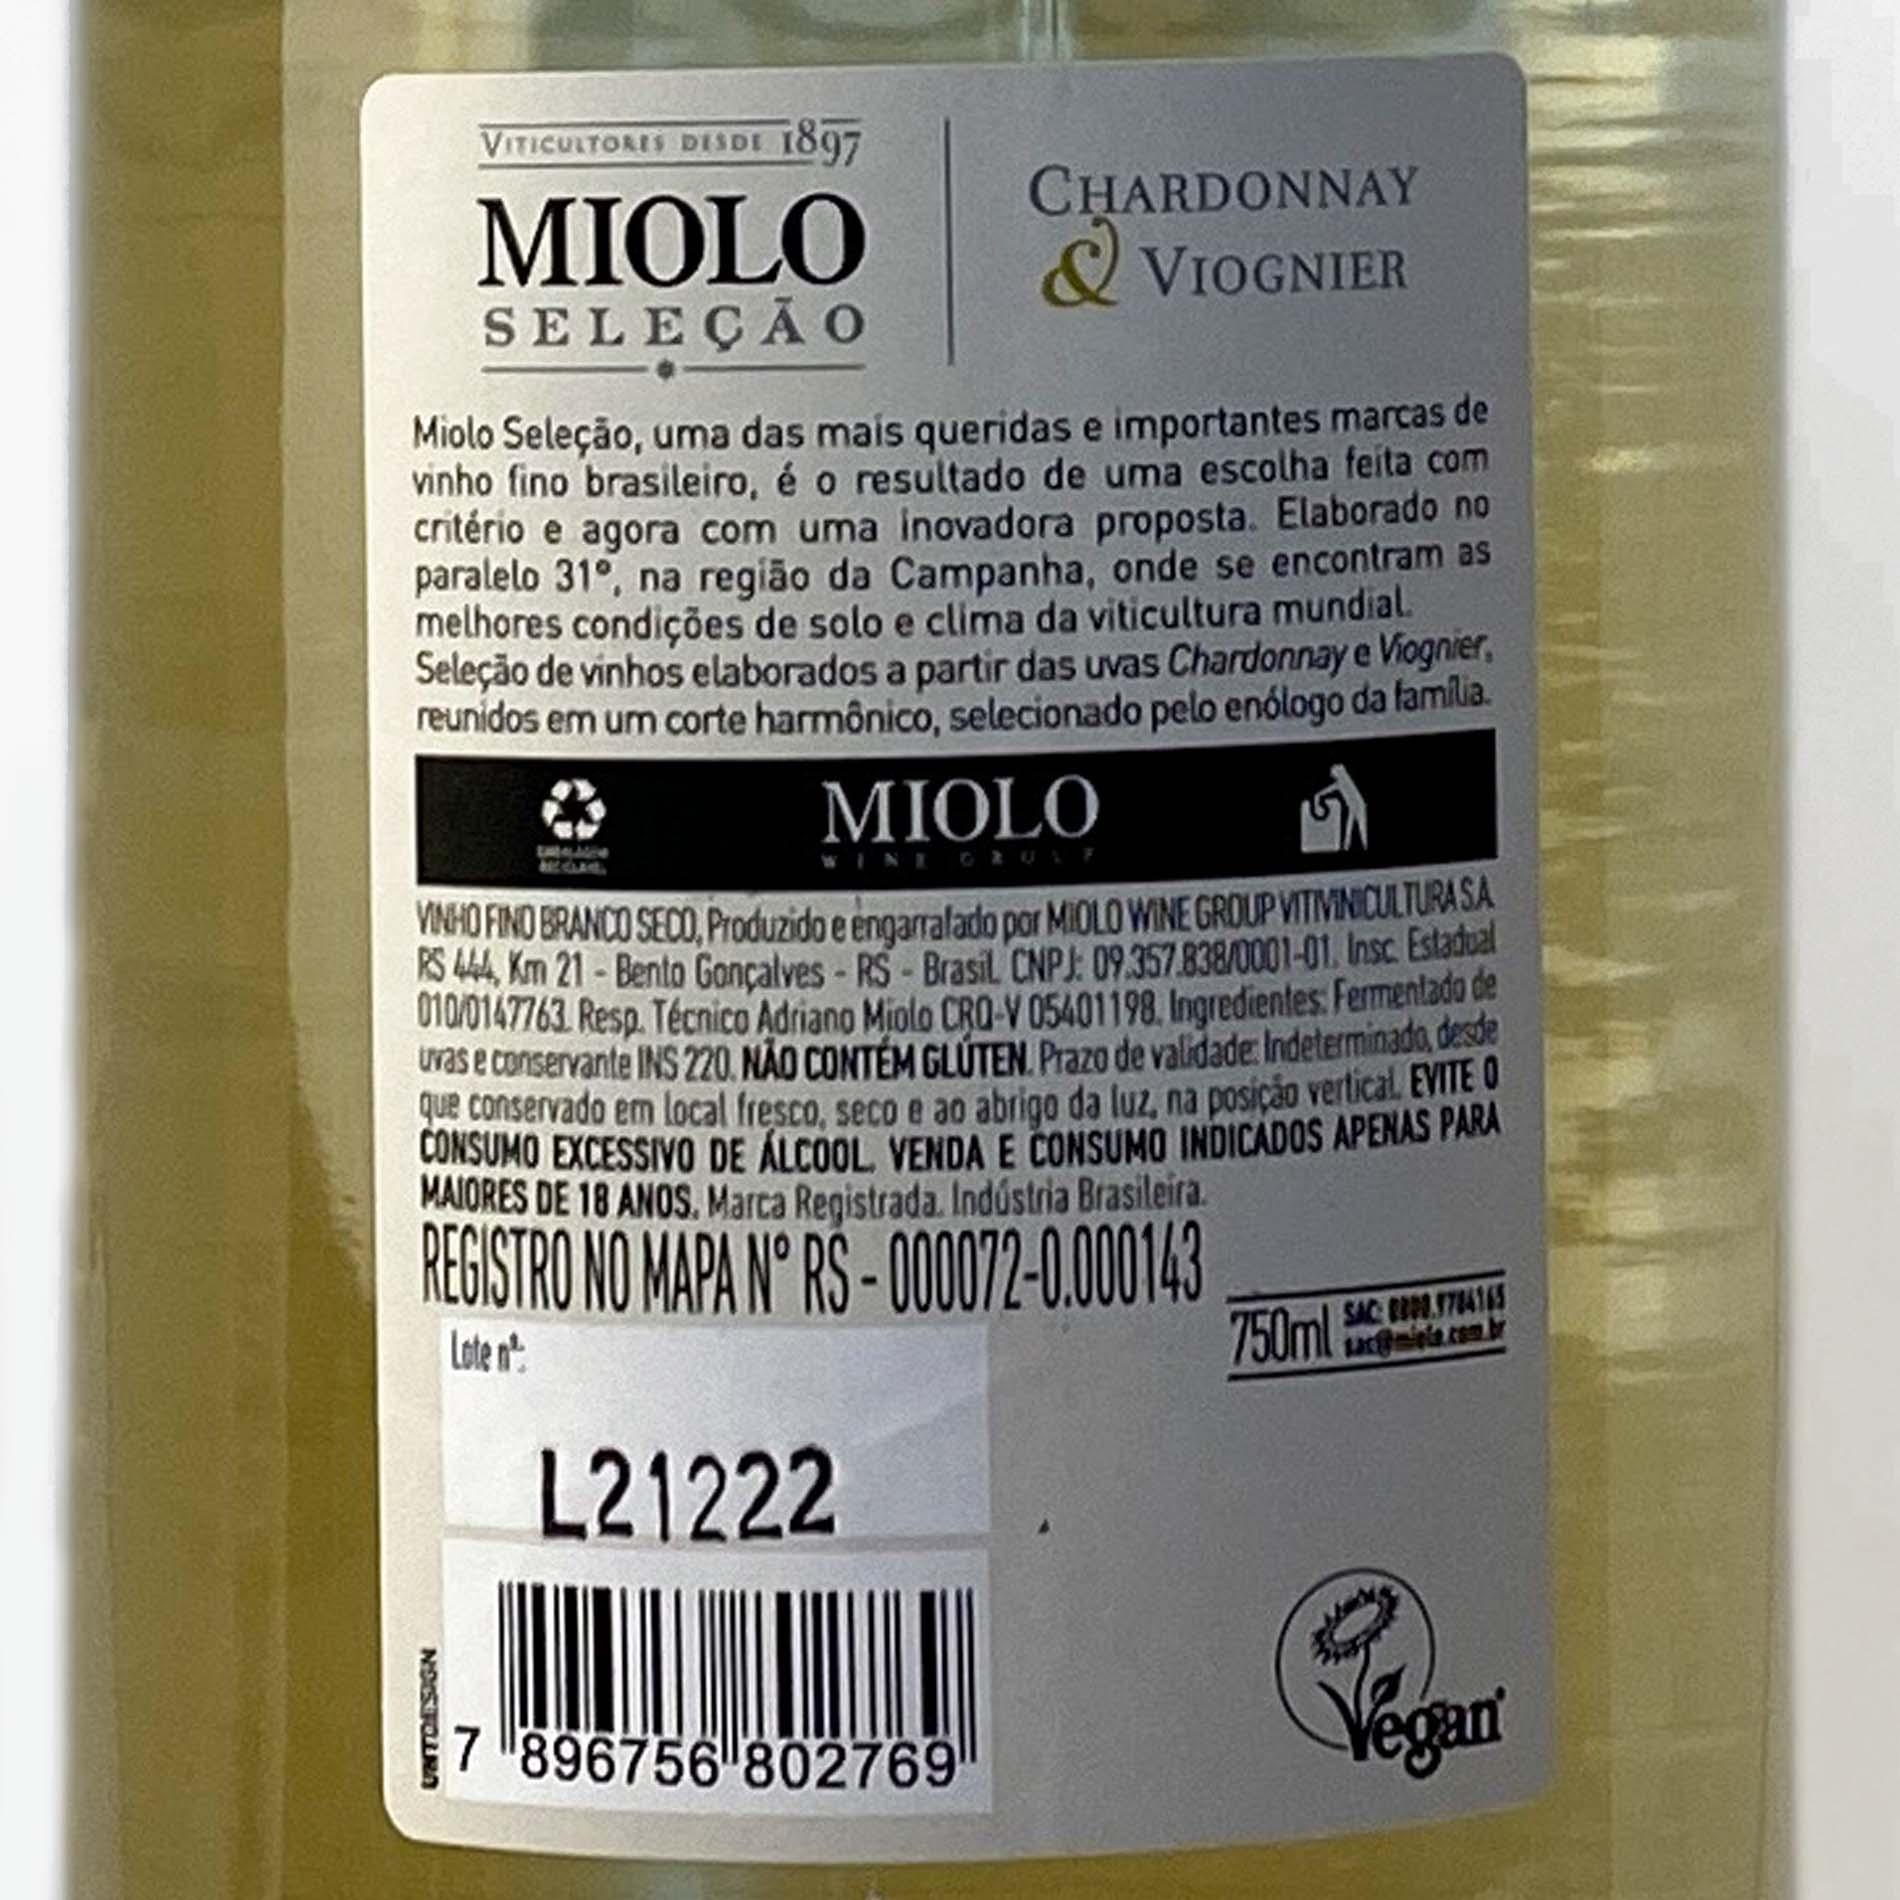 Miolo Seleção Chardonnay e Viognier  - Vinerize